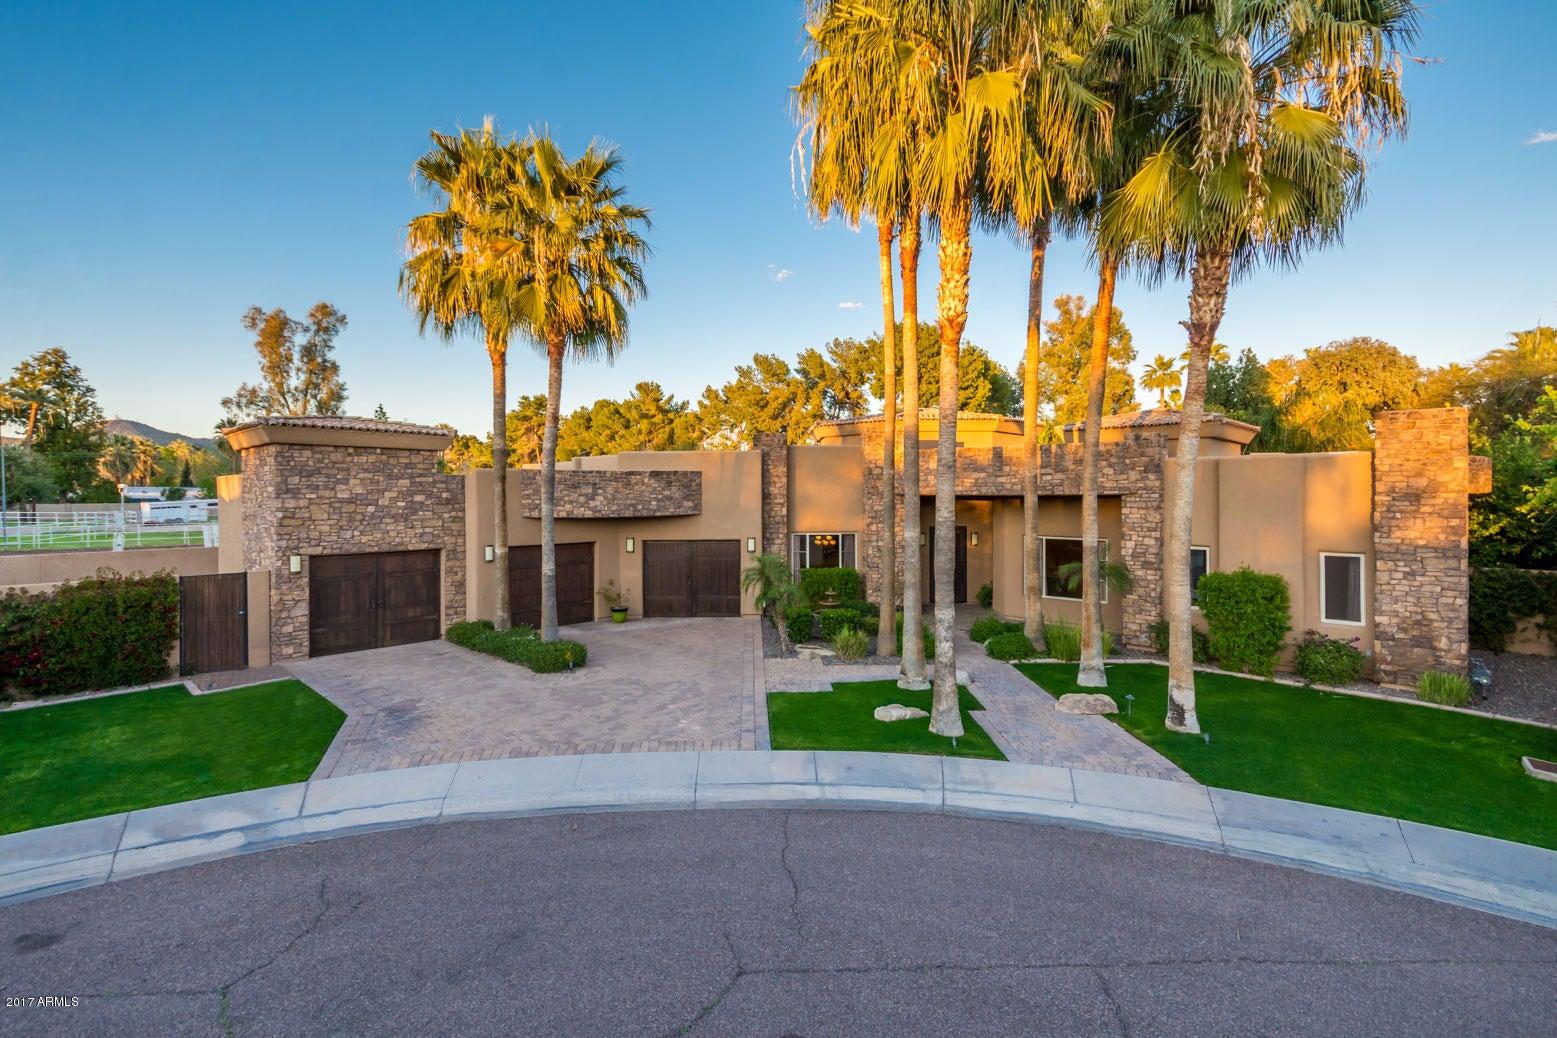 8513 N 13TH, Phoenix, AZ, 85021 Primary Photo